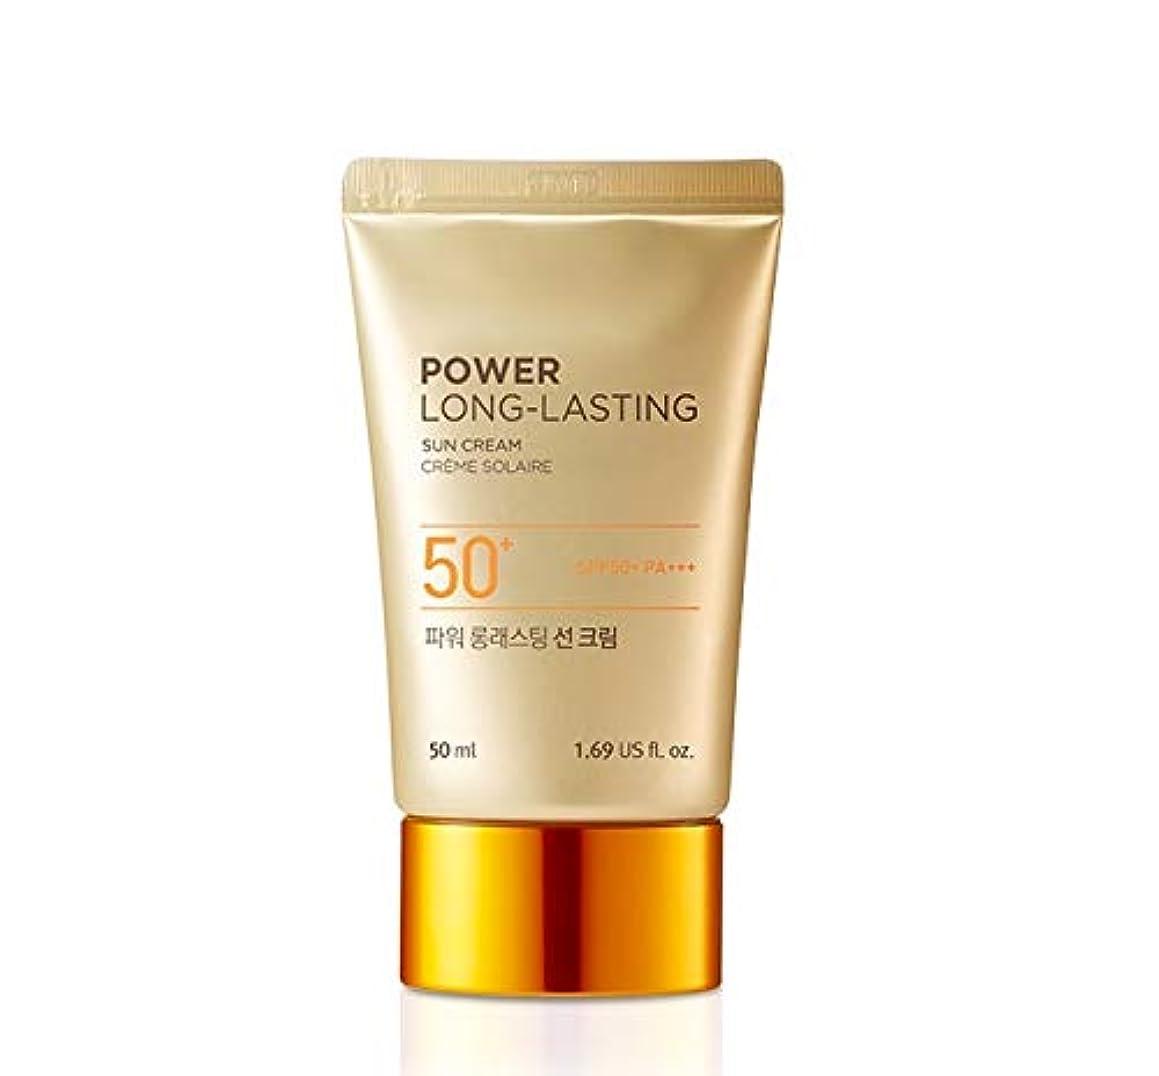 幸福摂動真鍮The Face ShopフェイスショップパワーロングラスティングサンクリームSPF50 + PA +++韓国の有名化粧品ブランドの人気日焼け止め皮膚の保護のスキンケアのしわ防止